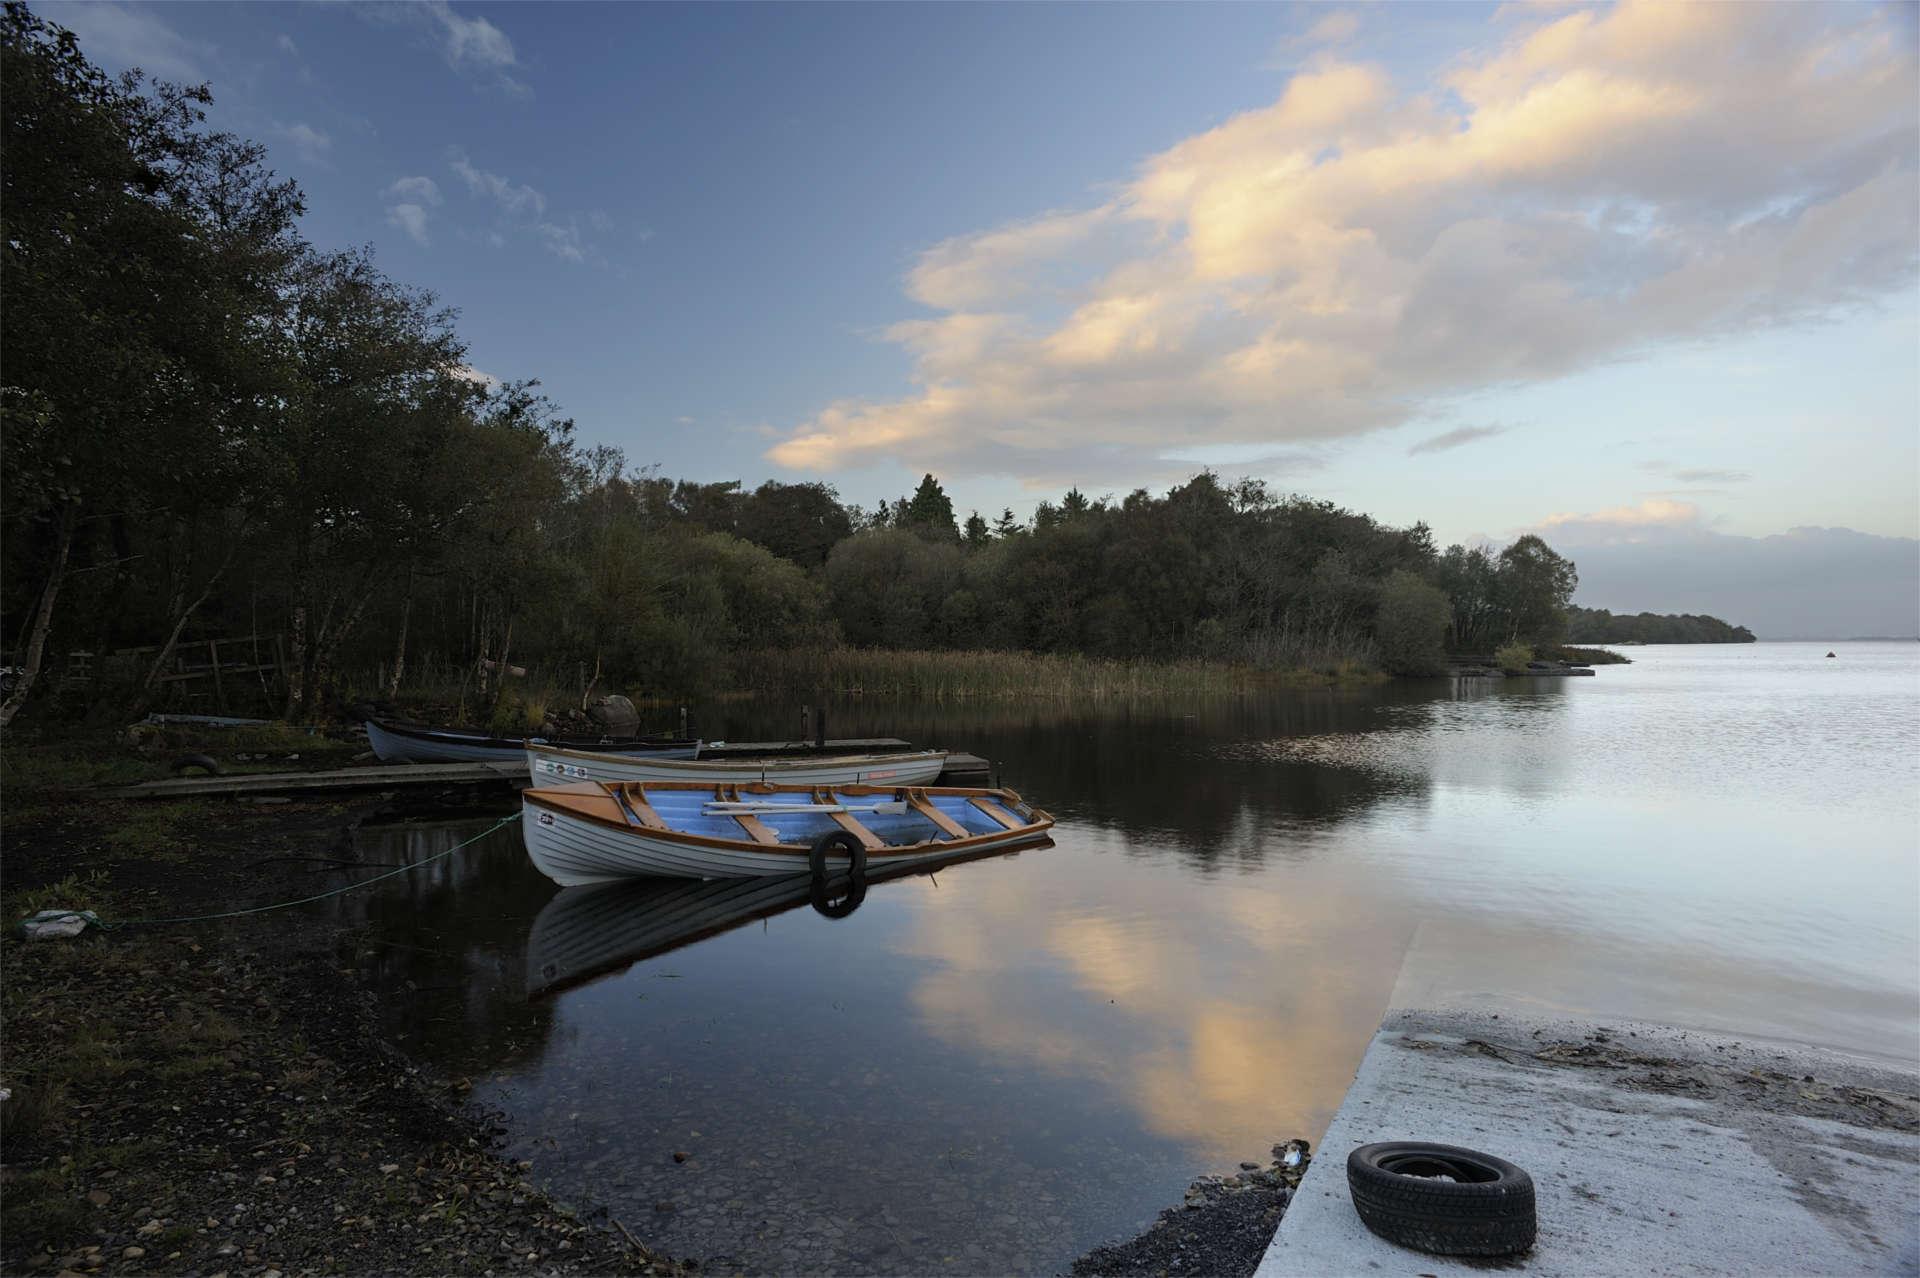 Loch Coirib